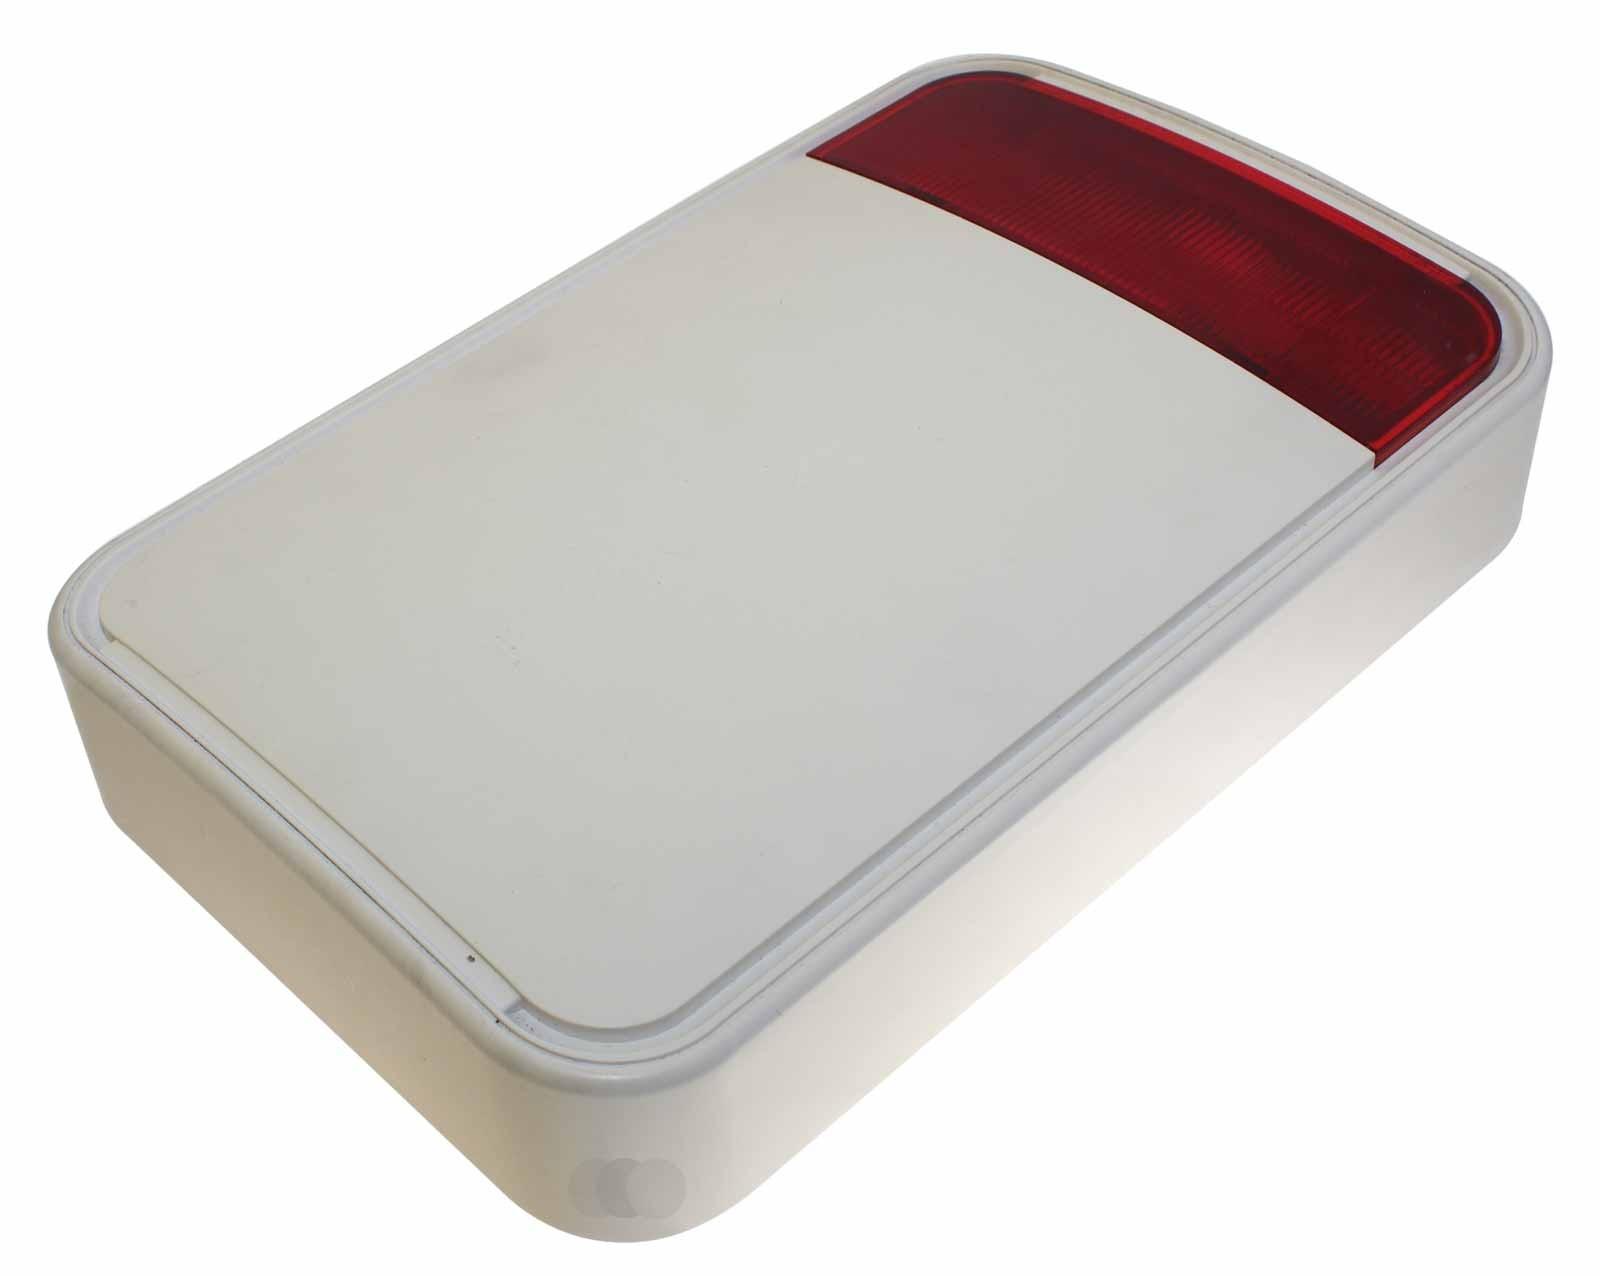 Gebrauchte Visonic MCS-730 (868) RED Fully Wireless Outdoor Siren, Außensirene Blinkleuchte für Alarmanlage, P/N: 90-203035